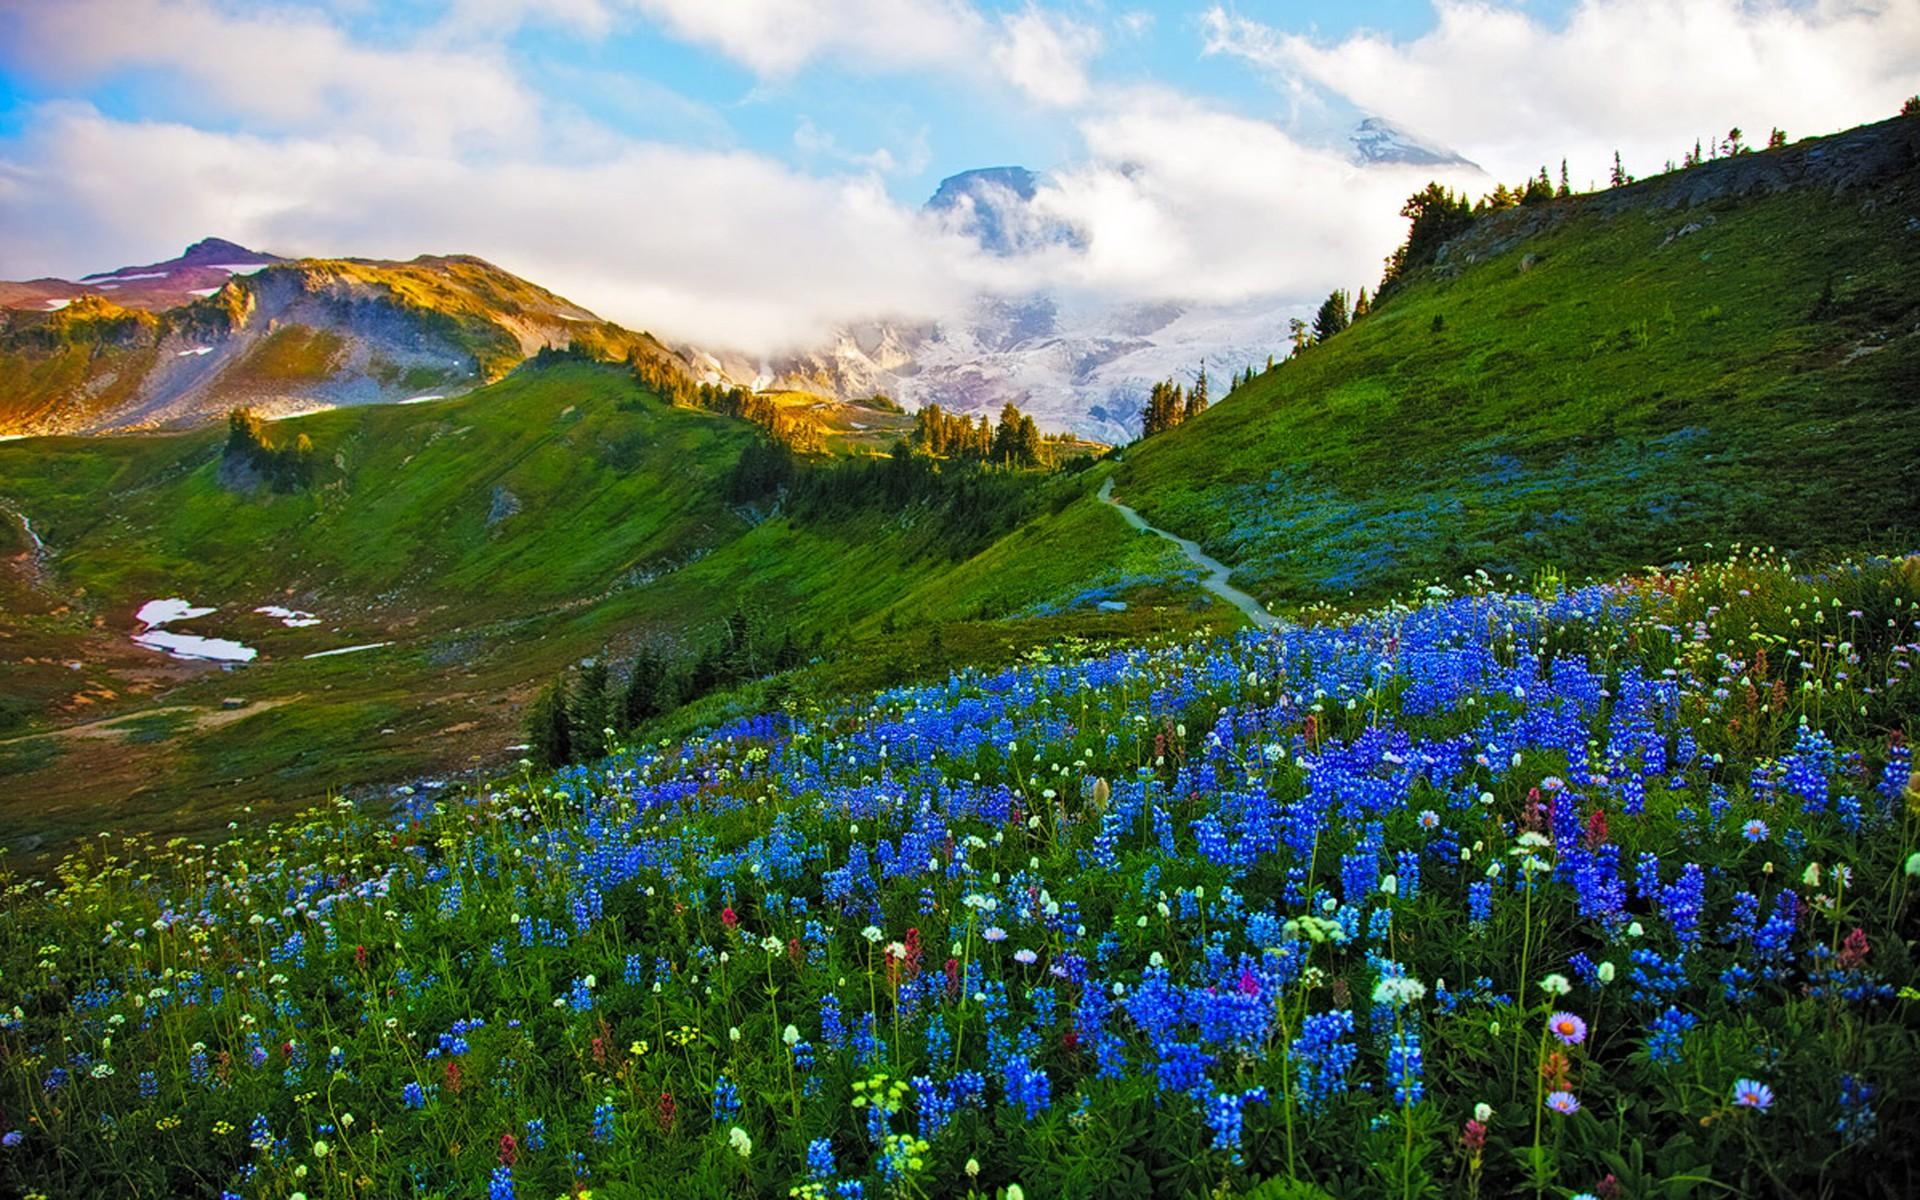 Mountain Landscape in Spring Fond d'écran HD | Arrière-Plan | 1920x1200 | ID:690099 - Wallpaper ...